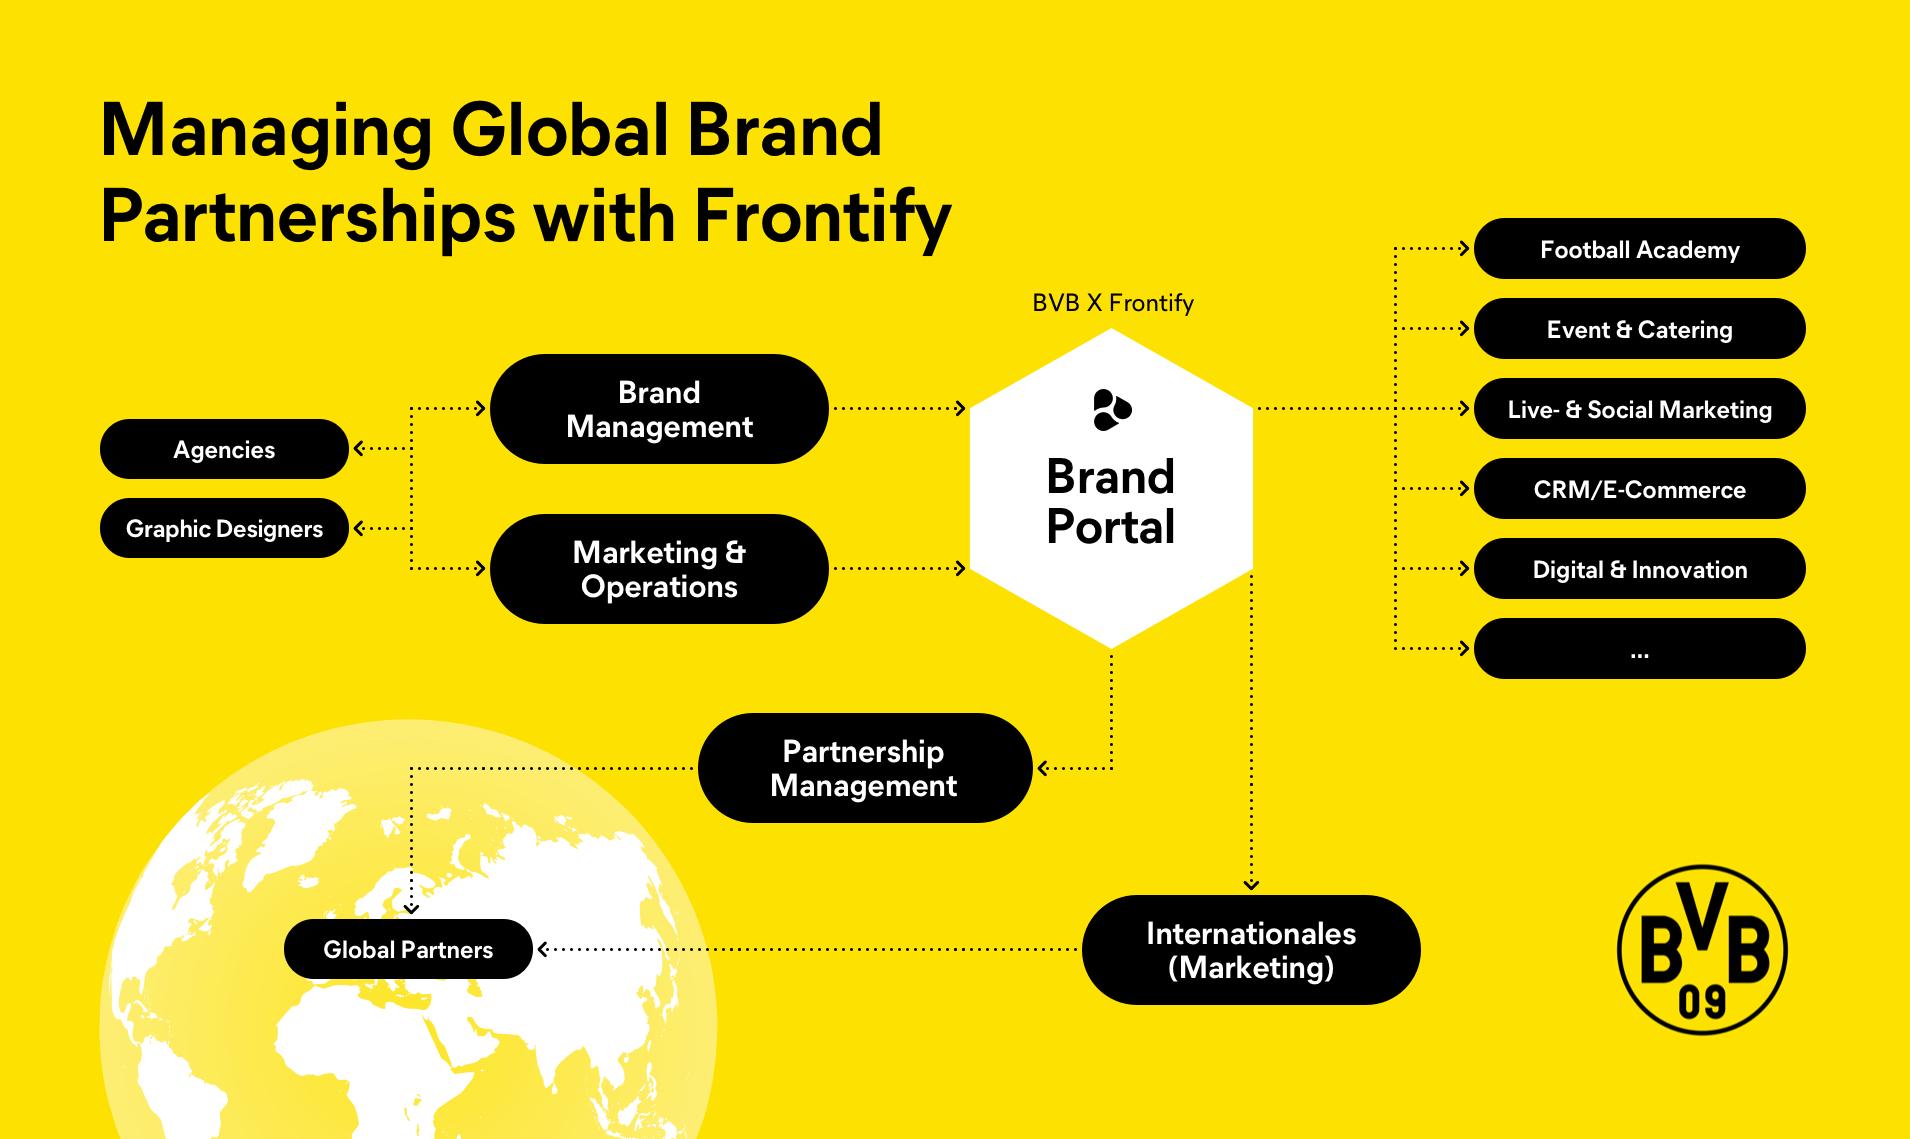 Gestion des partenaires de marques internationaux avec Frontify